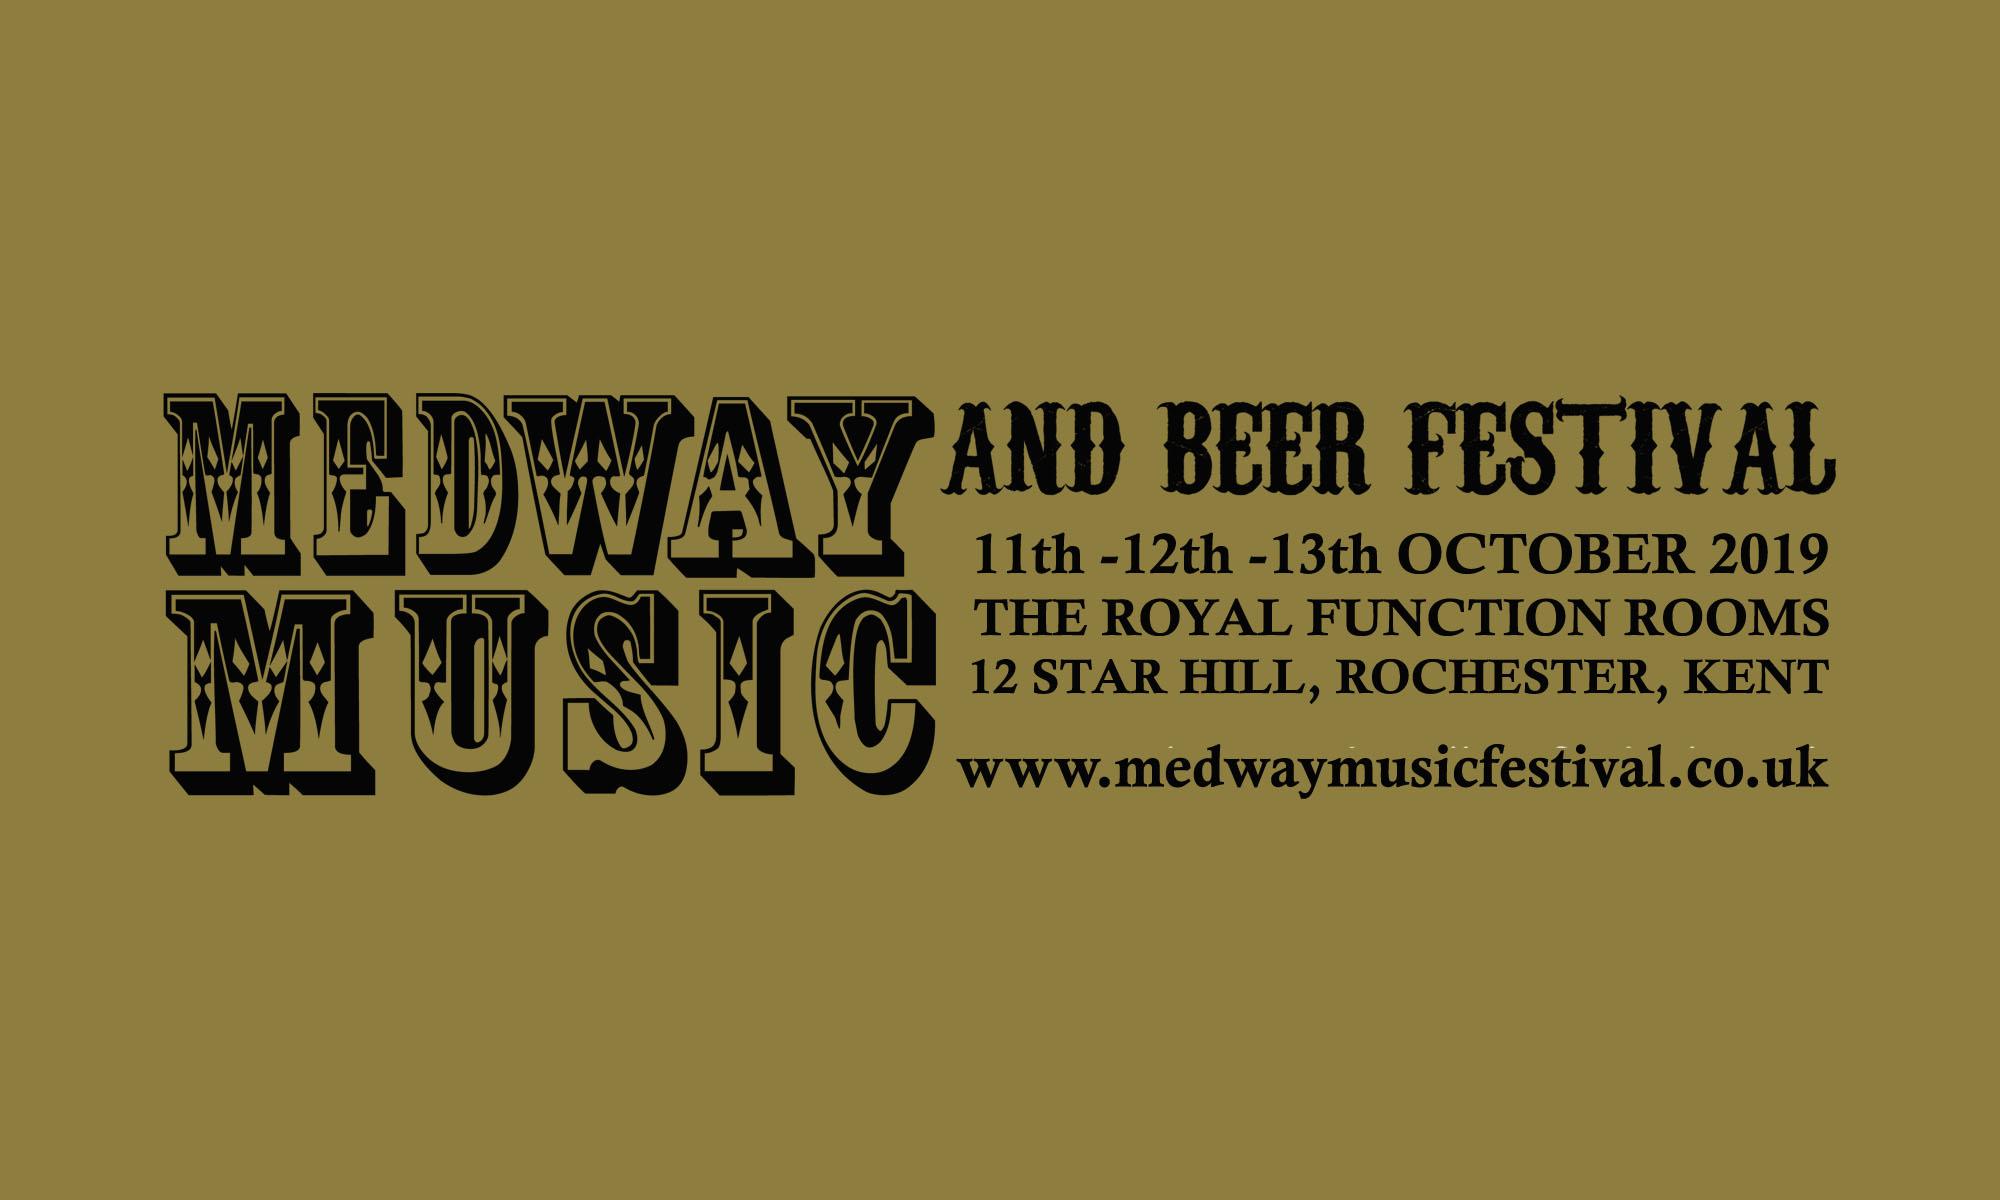 Medway Music Festival 2019